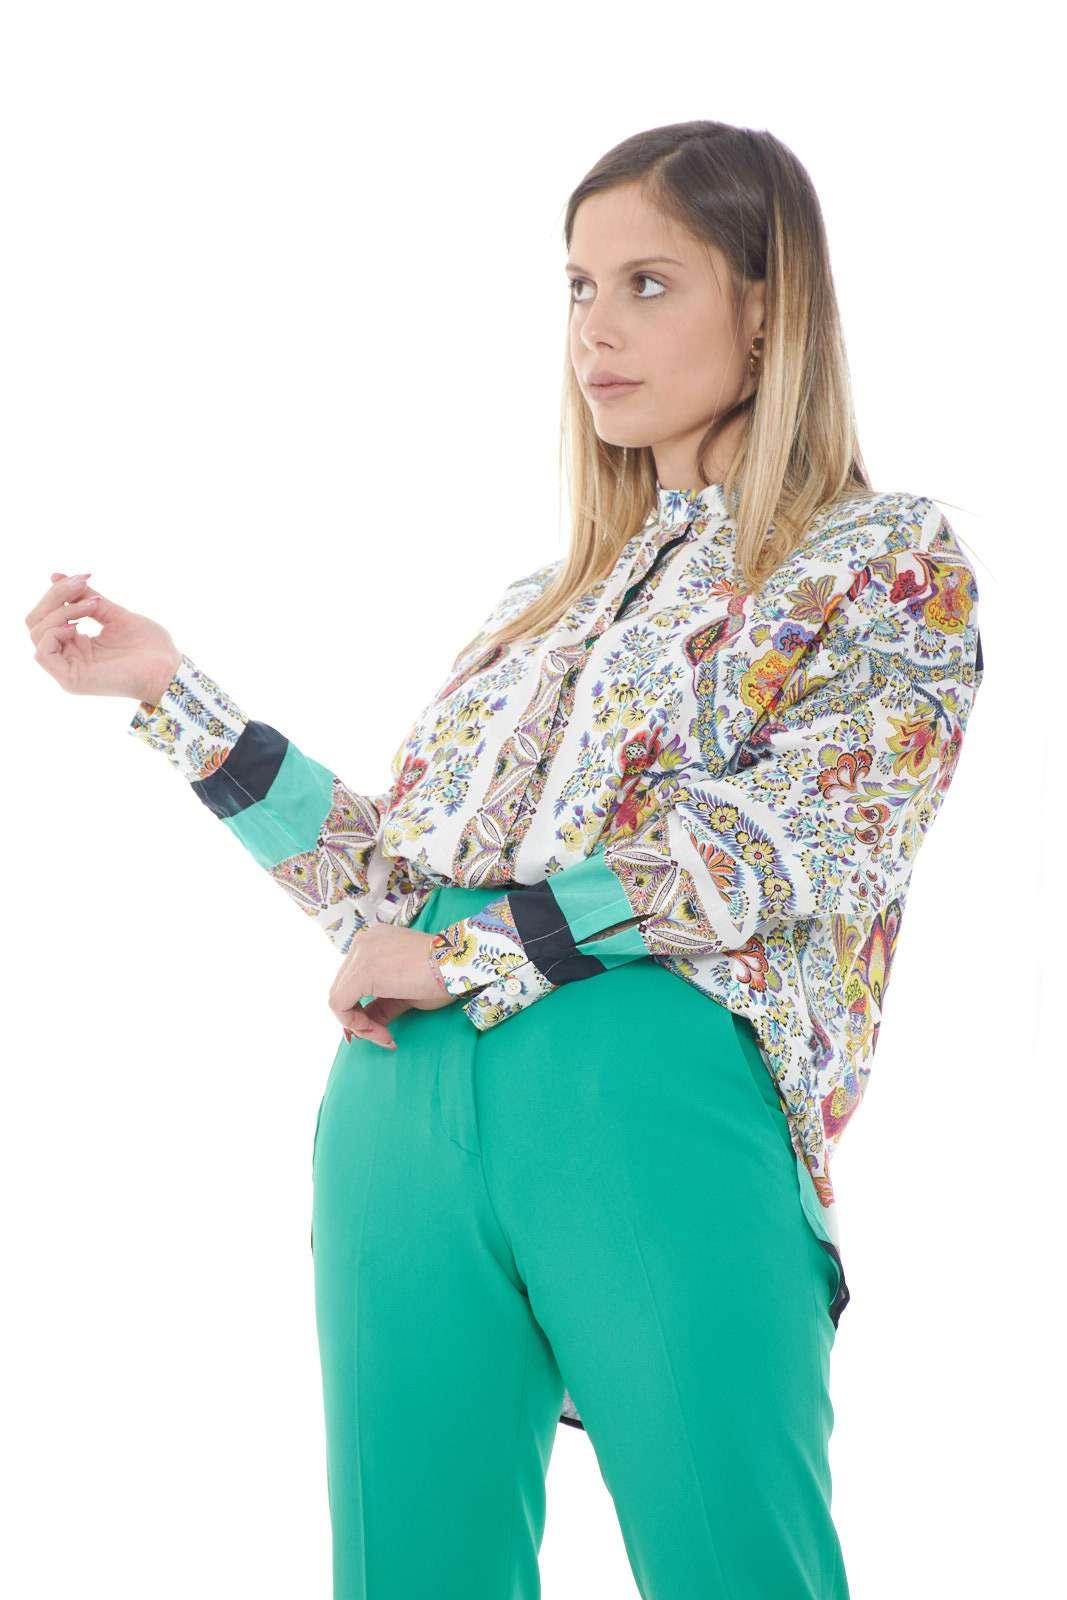 Una camicia morbida e femminile, quella firmata Etro, perfetta per i tuoi outfit estivi. Da abbinare a jeans o pantaloni, per stili versatili, e iconici. Per la donna che non lascia mai nulla al caso.